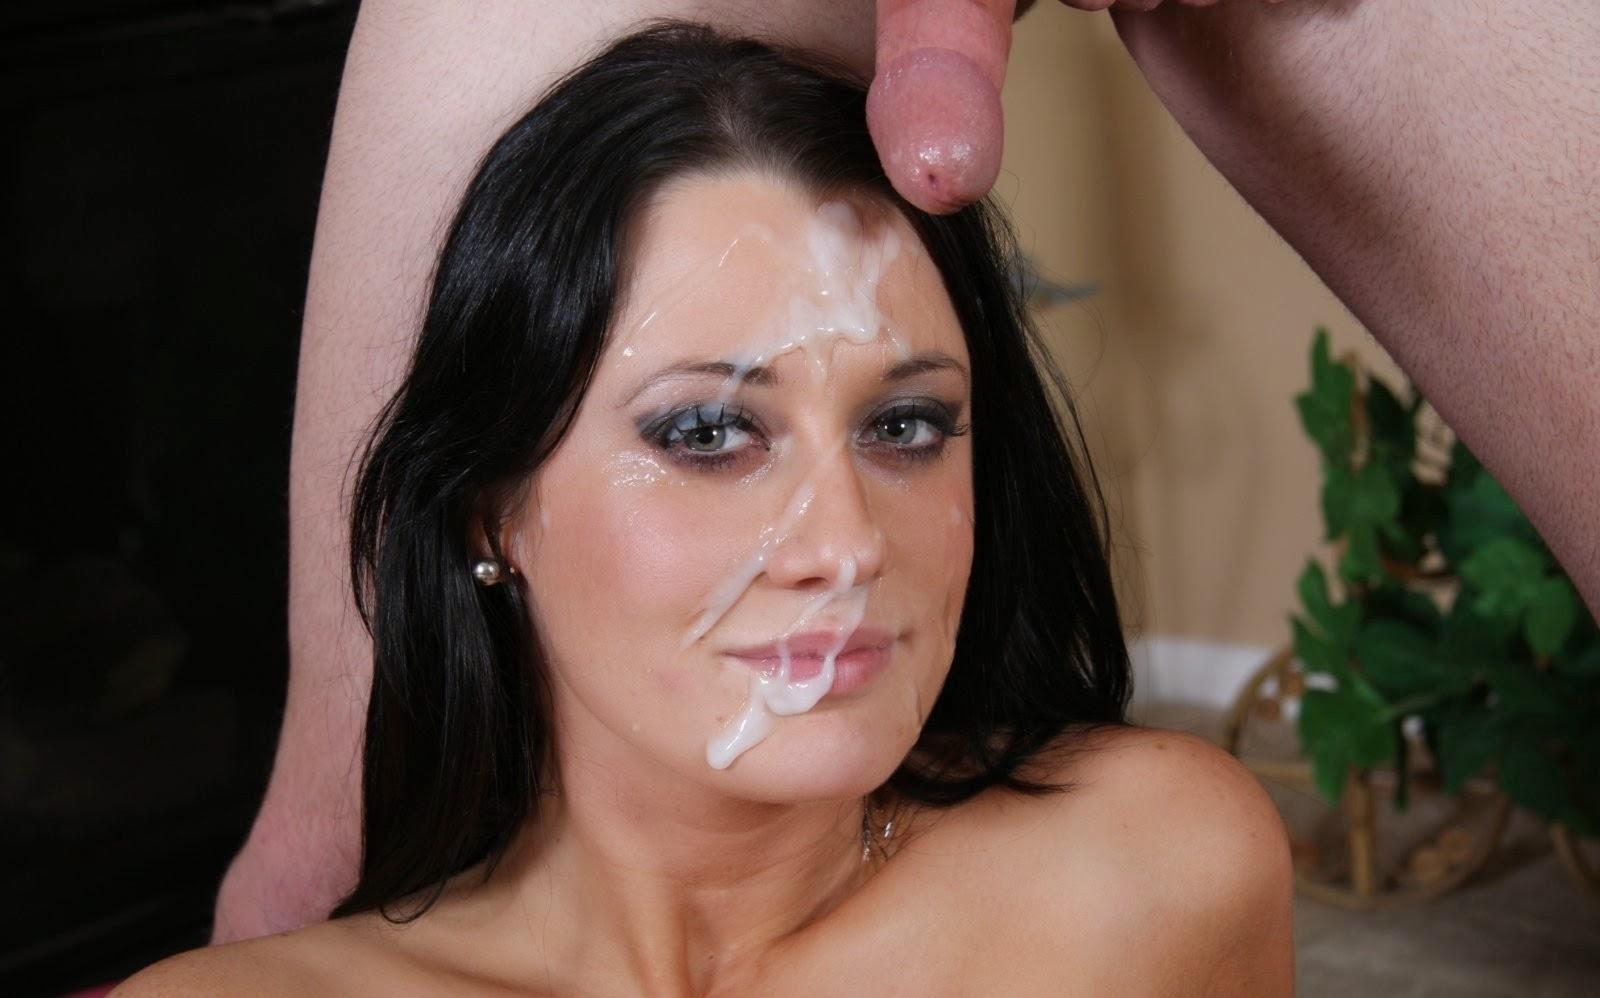 Фото спера в лицо, Сперма на красивых женских лицах секс фото и порно 4 фотография